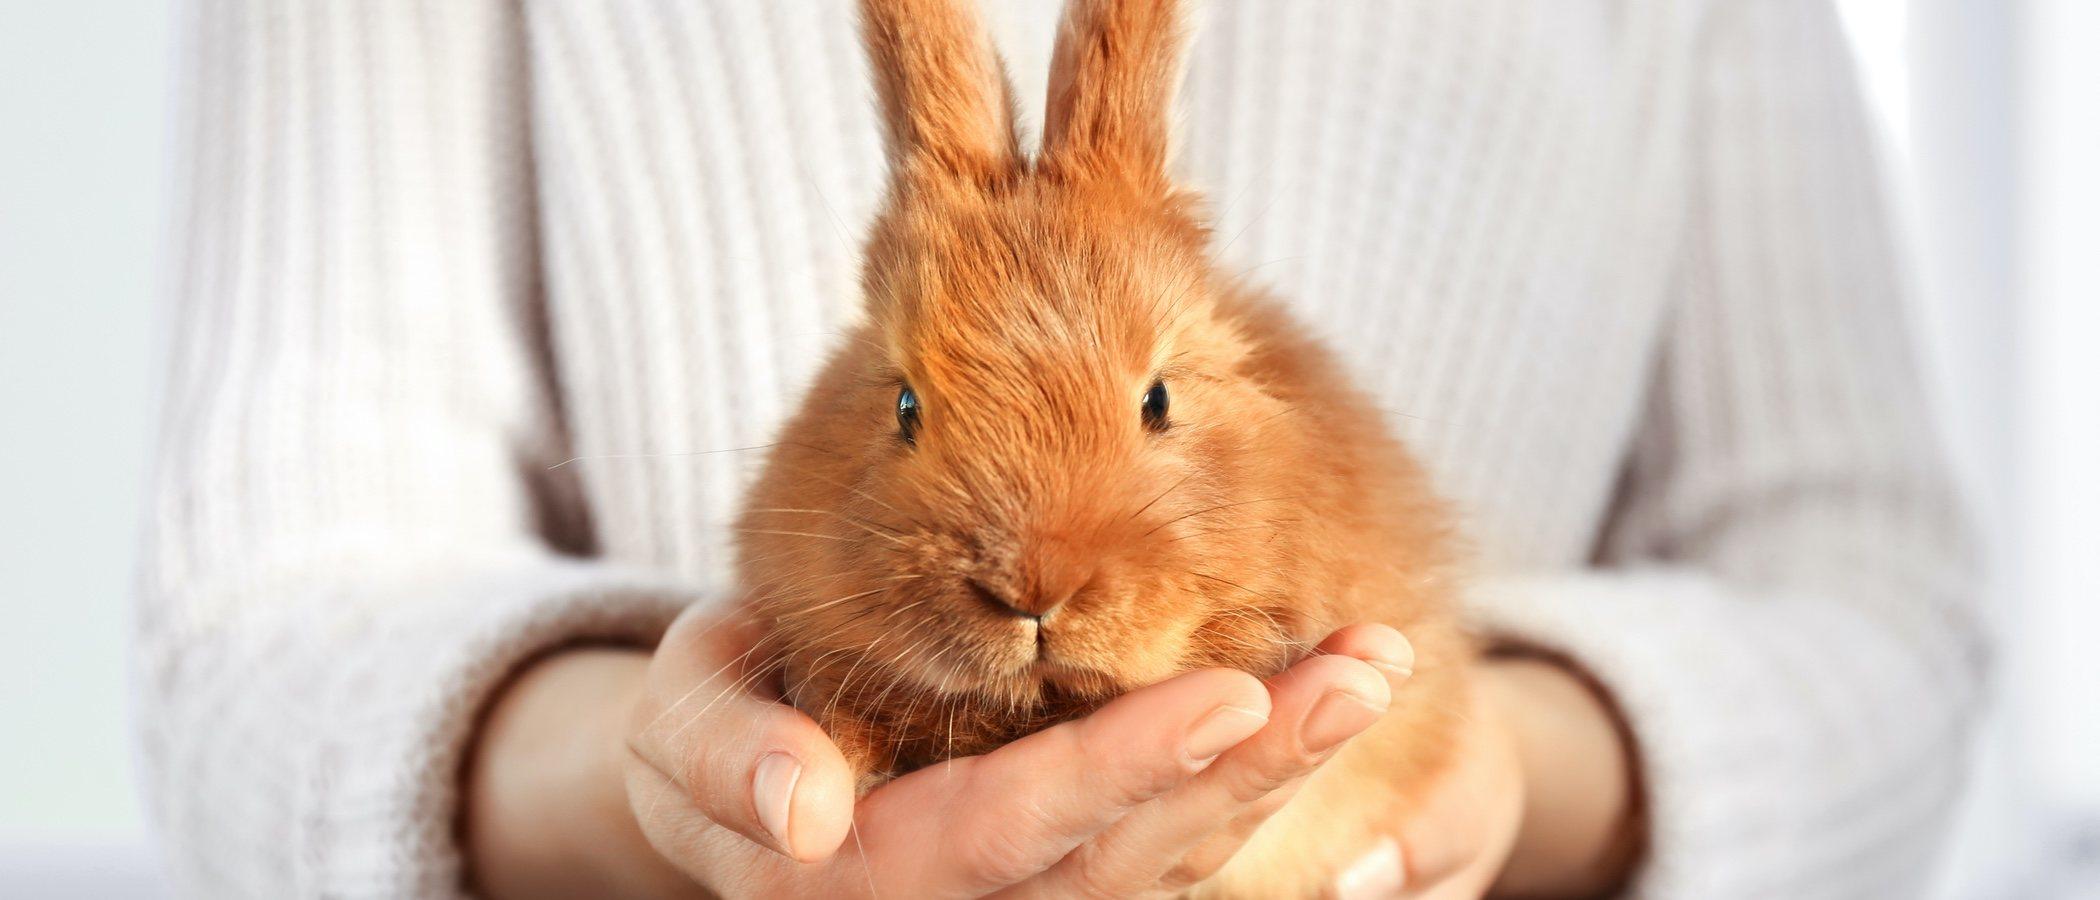 Mi conejo se ha arrancado una uña, ¿qué puedo hacer?